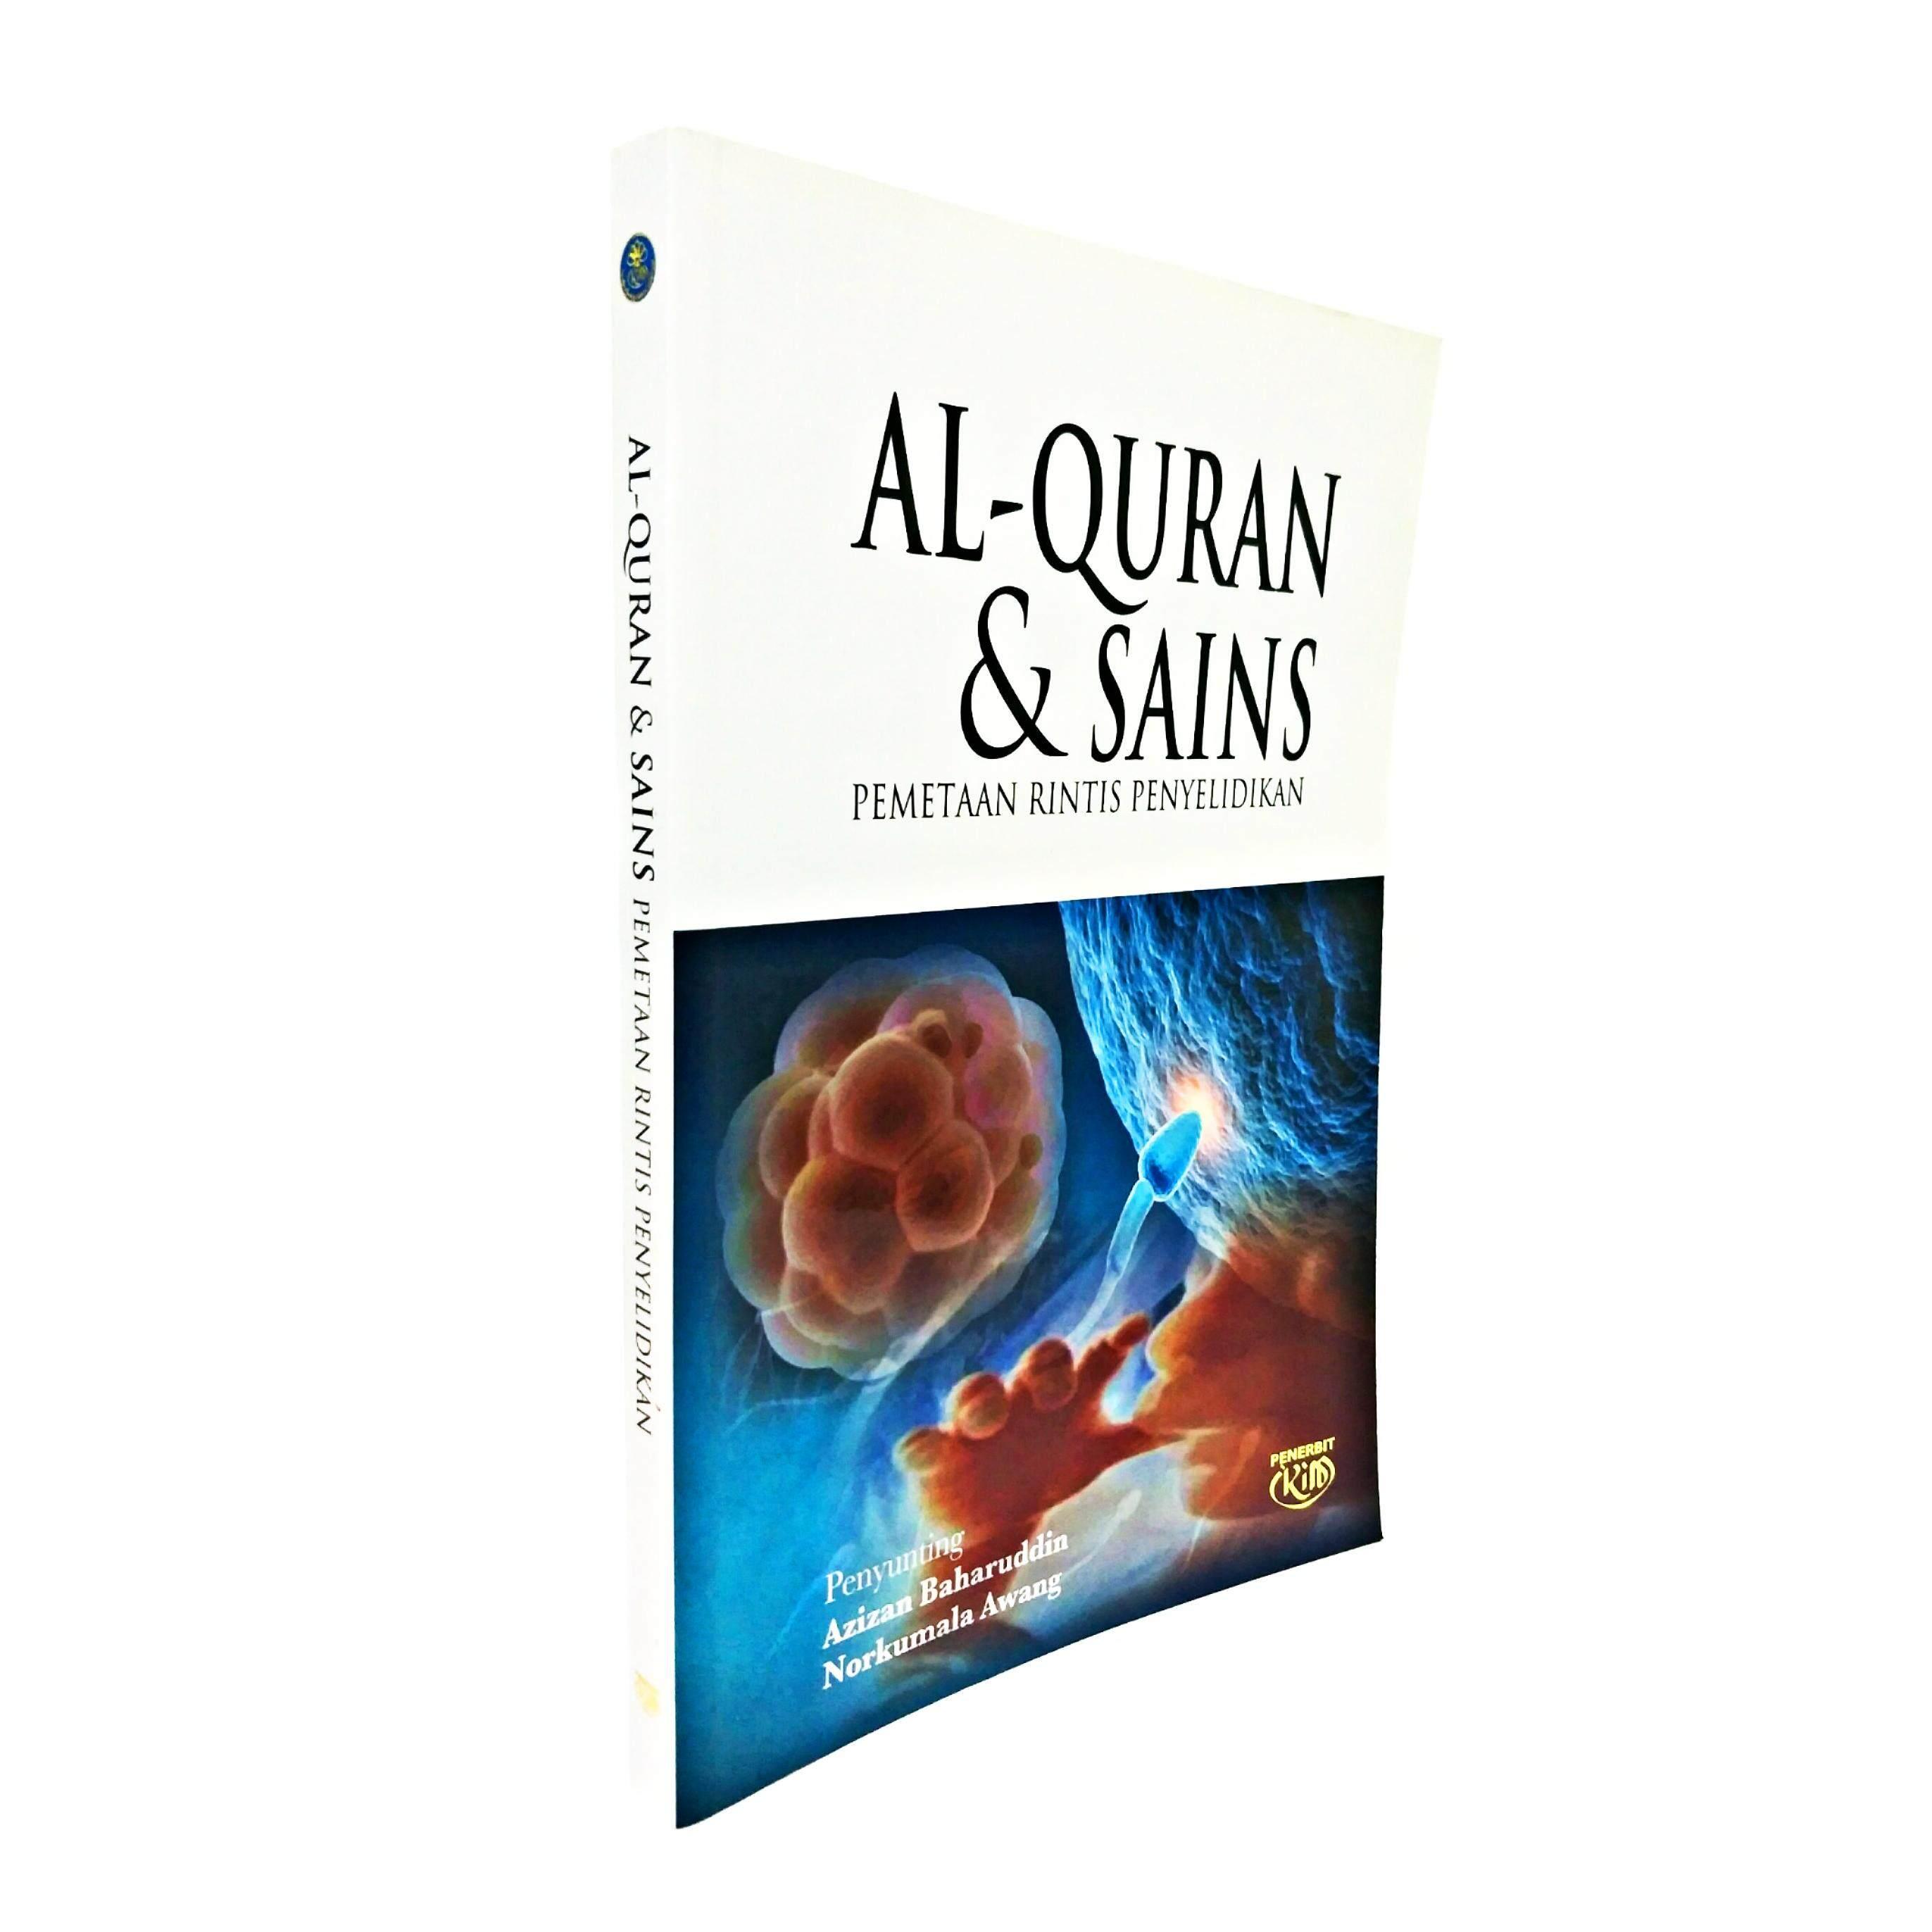 Al-Quran & Sains Pemetaan Rintis Penyelidikan, Penyunting Azizan Baharuddin / Norkumala Awang oleh IKIM